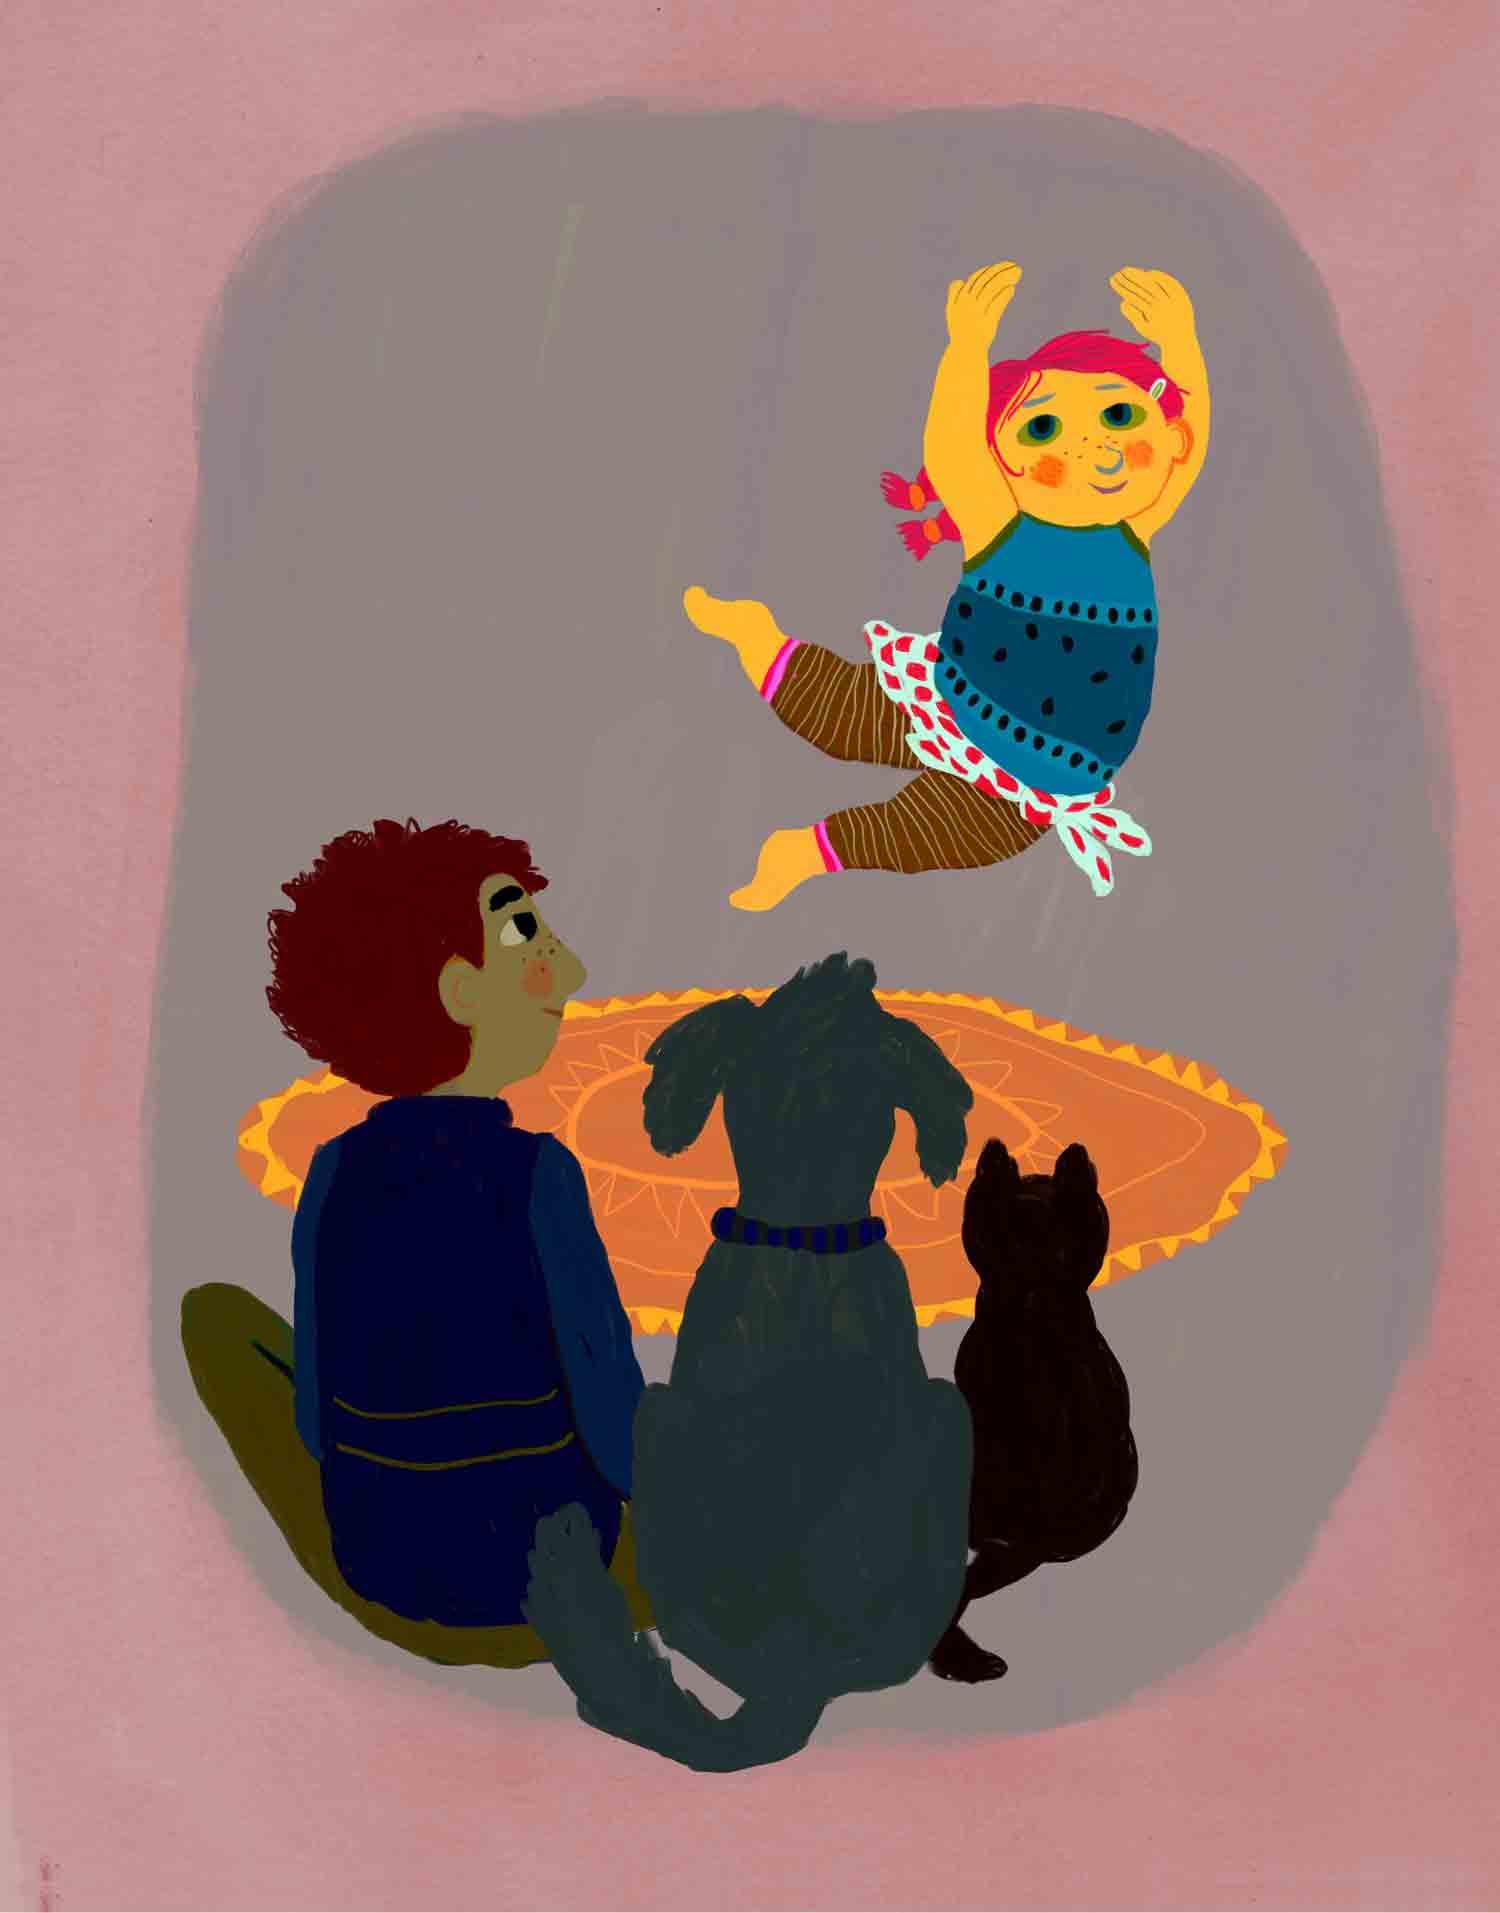 illustratie van dansend dik meisje met bewonderend publiek